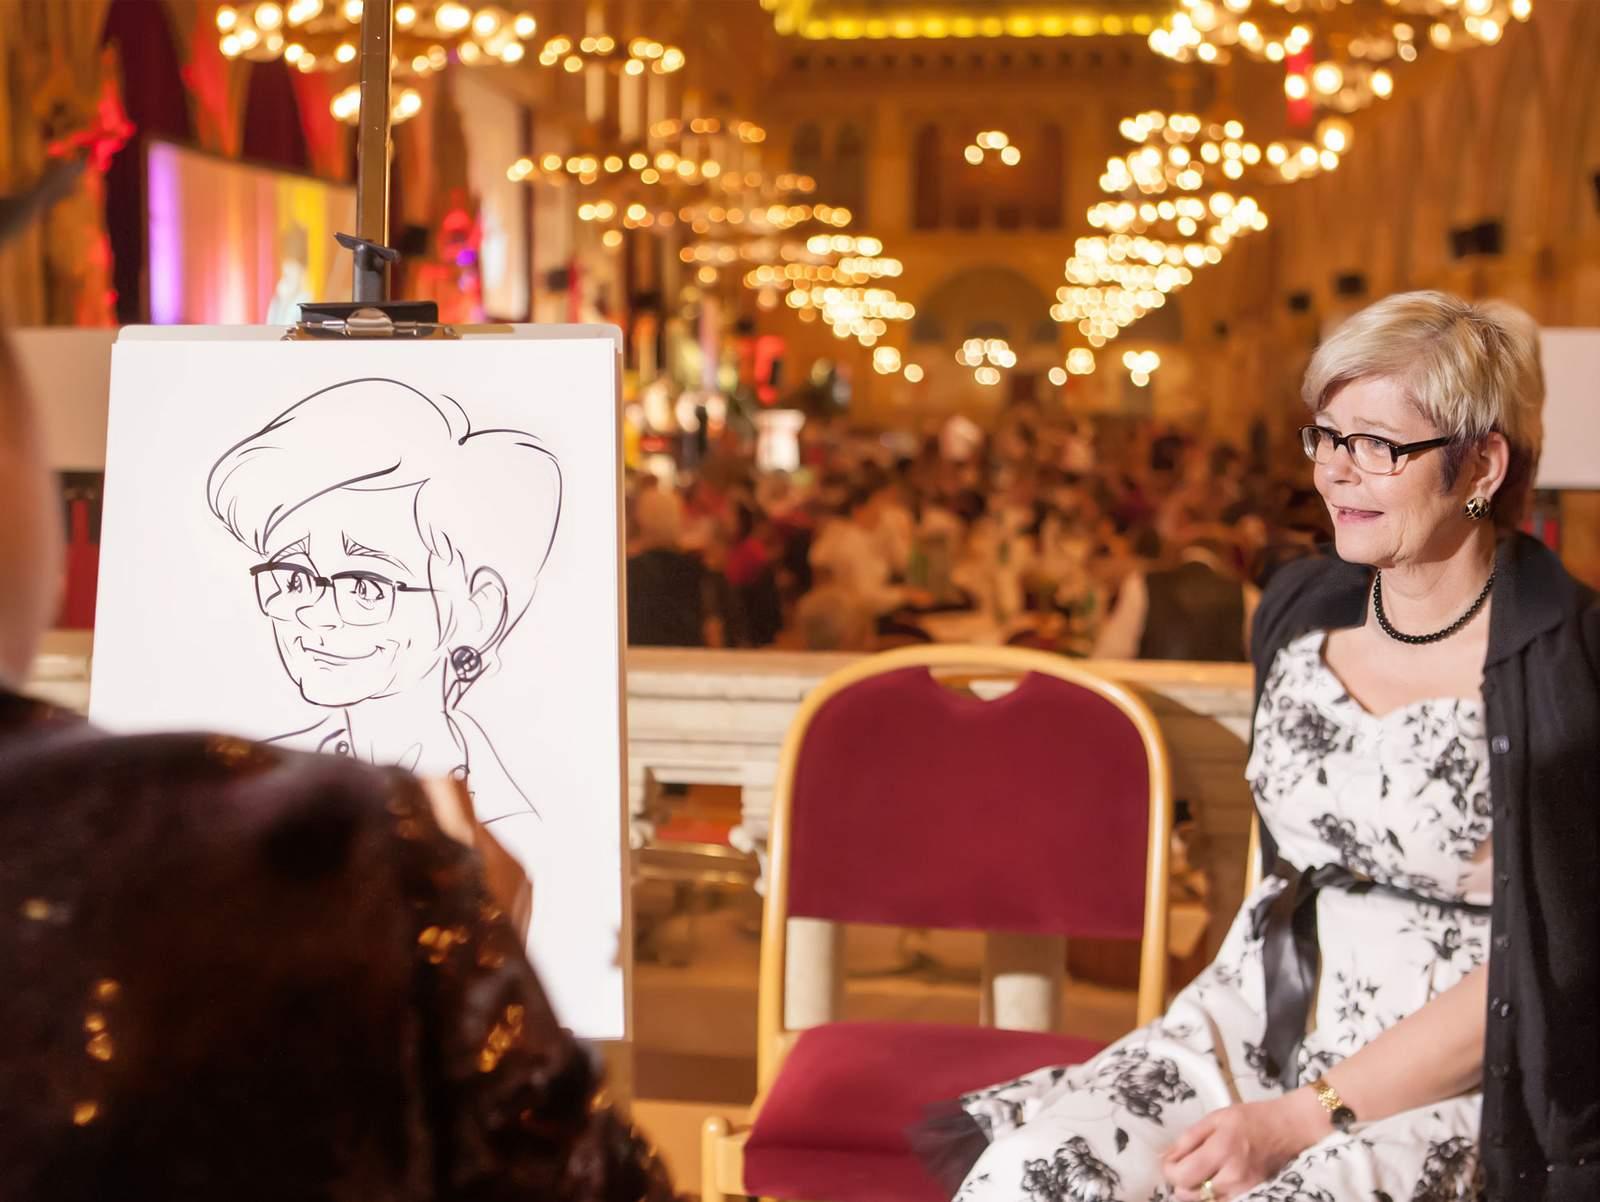 Karikaturist als Event Künstler für die Schweiz